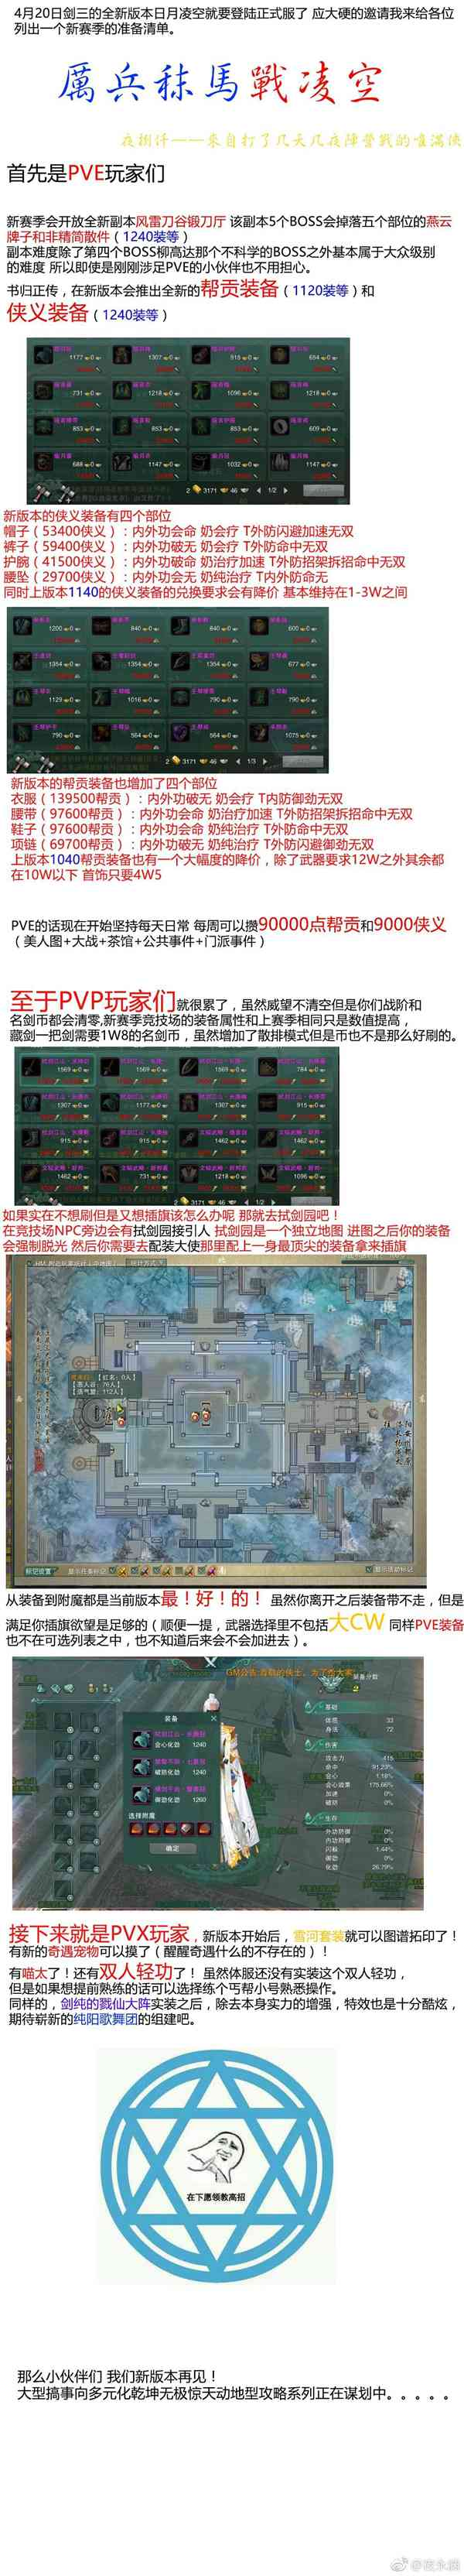 img-17c05abc12b413930b97d21e23a2d2e3.jpg